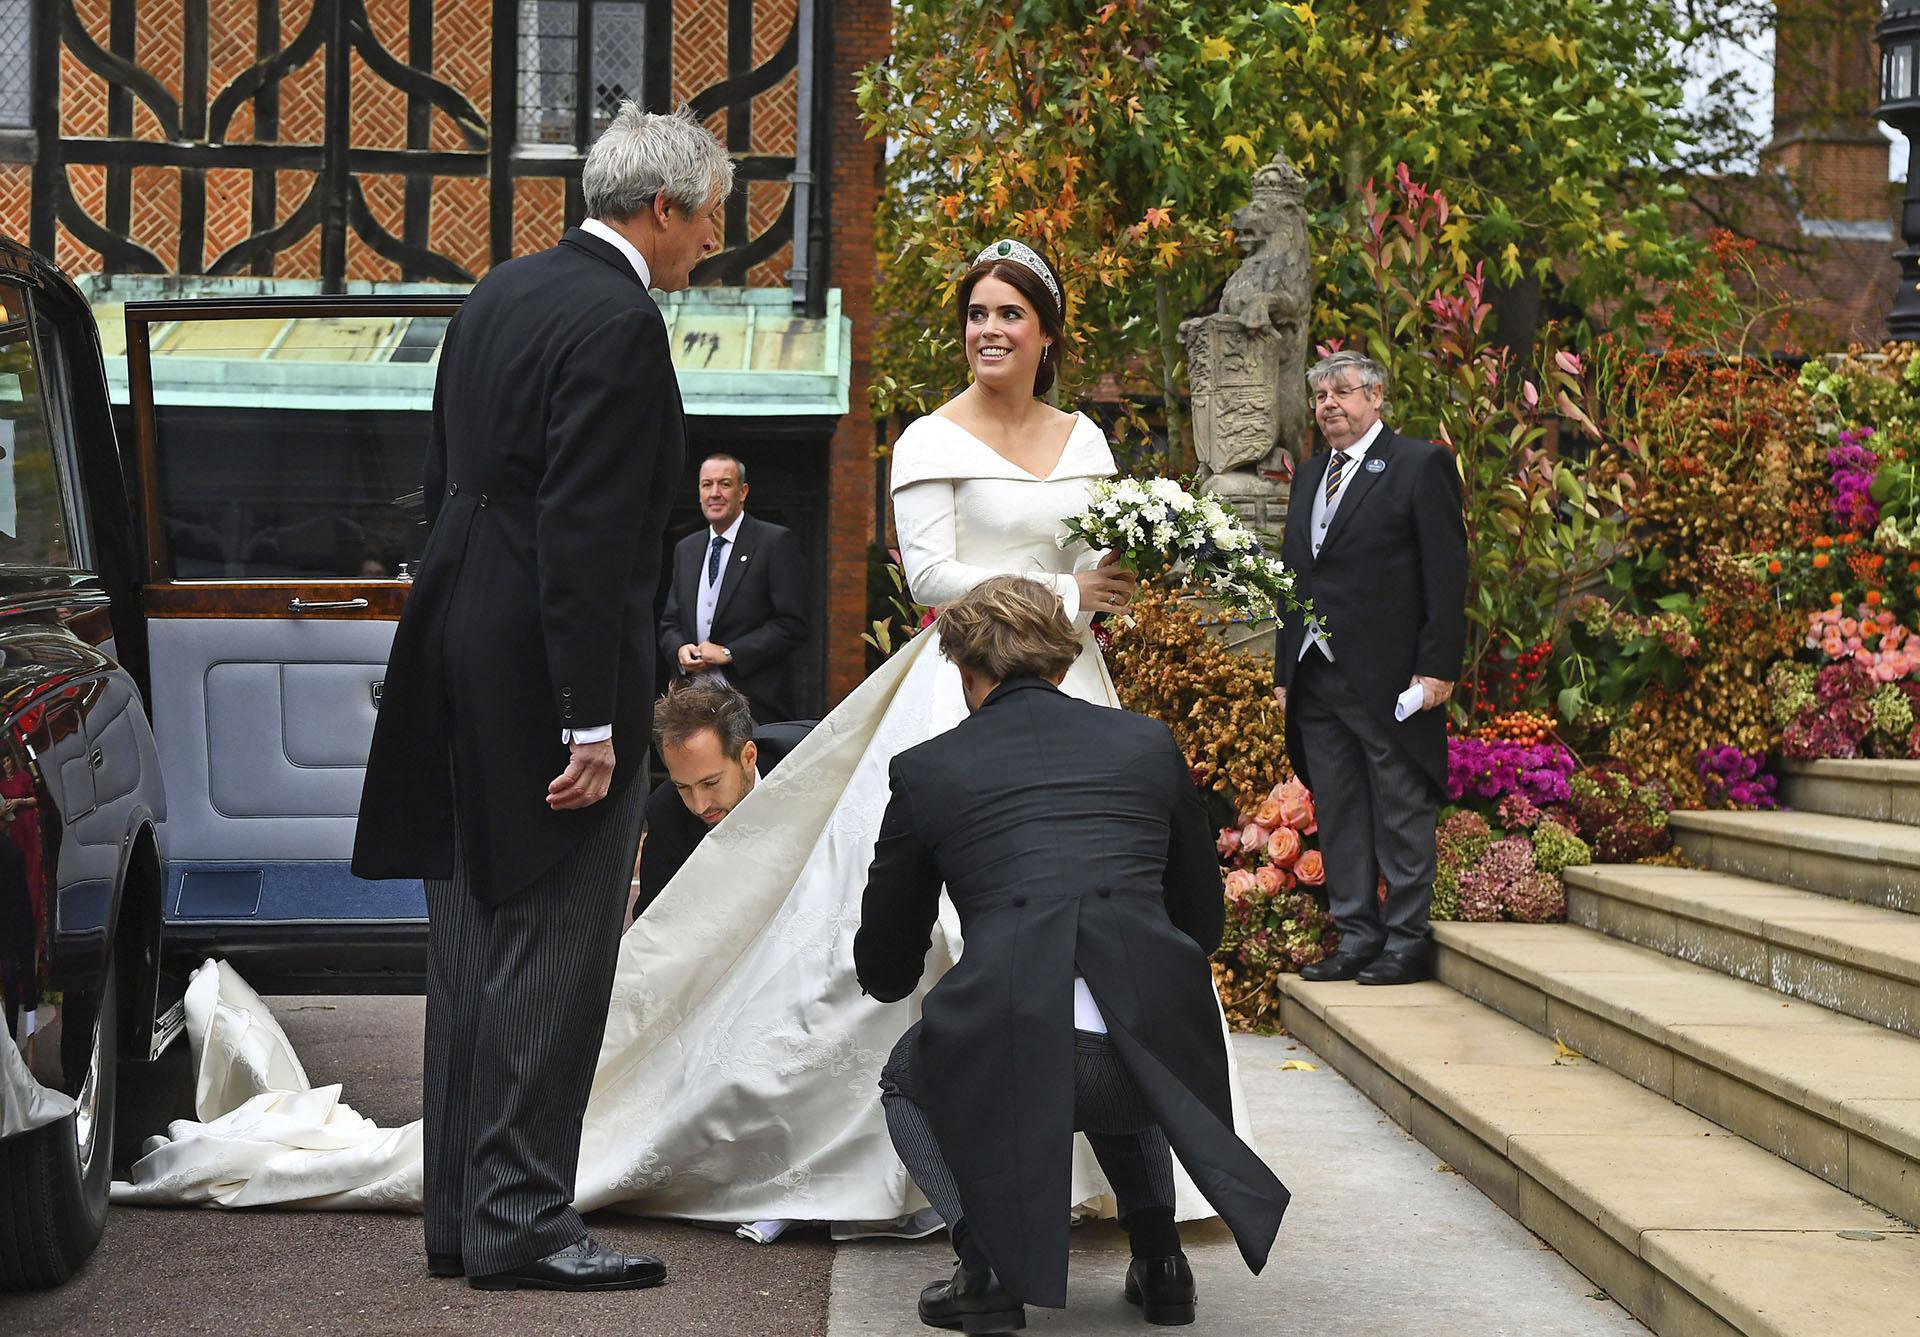 Un vestido suntuoso en tono off white bordado a mano